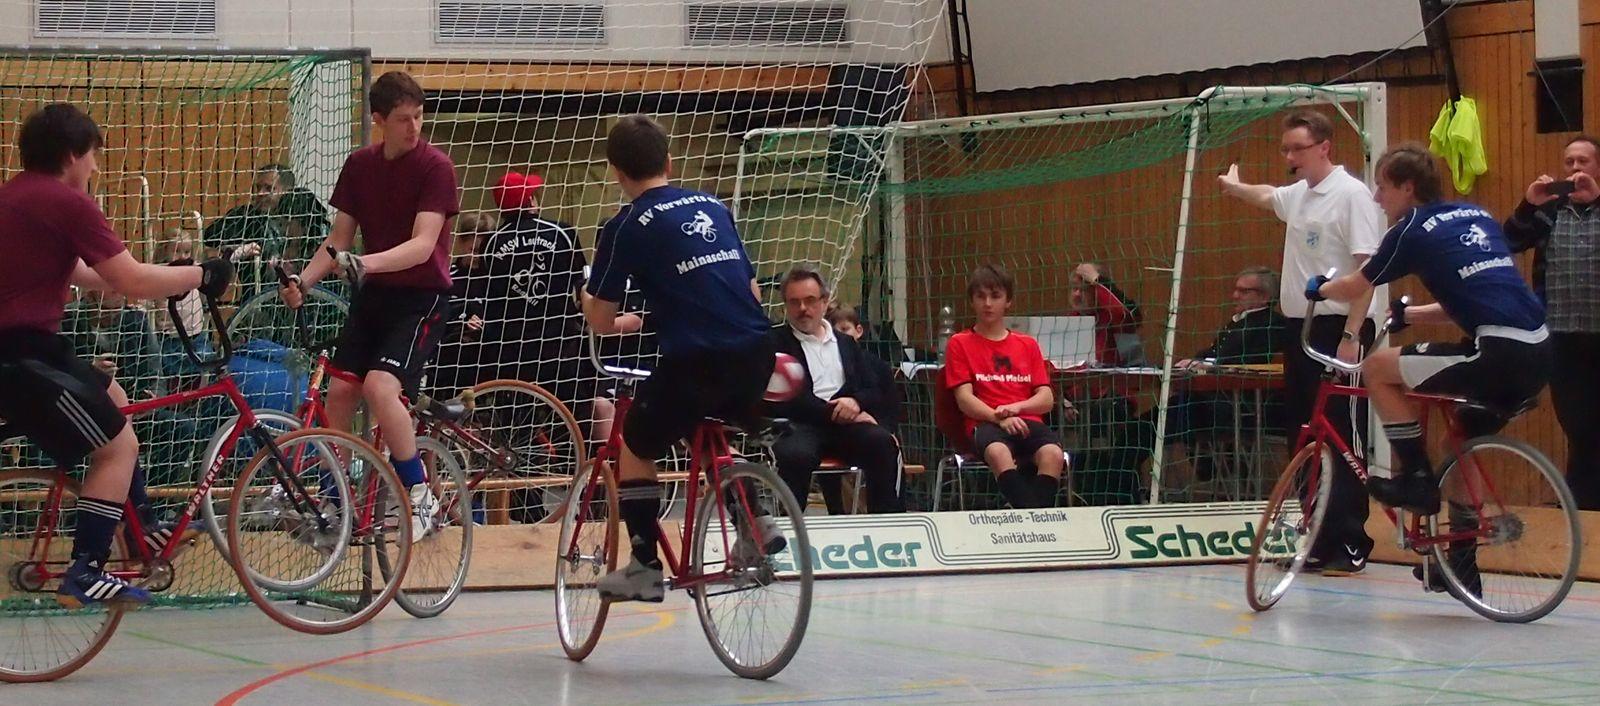 Mike und Timo gegen Kulmbach im Spiel um Platz 5